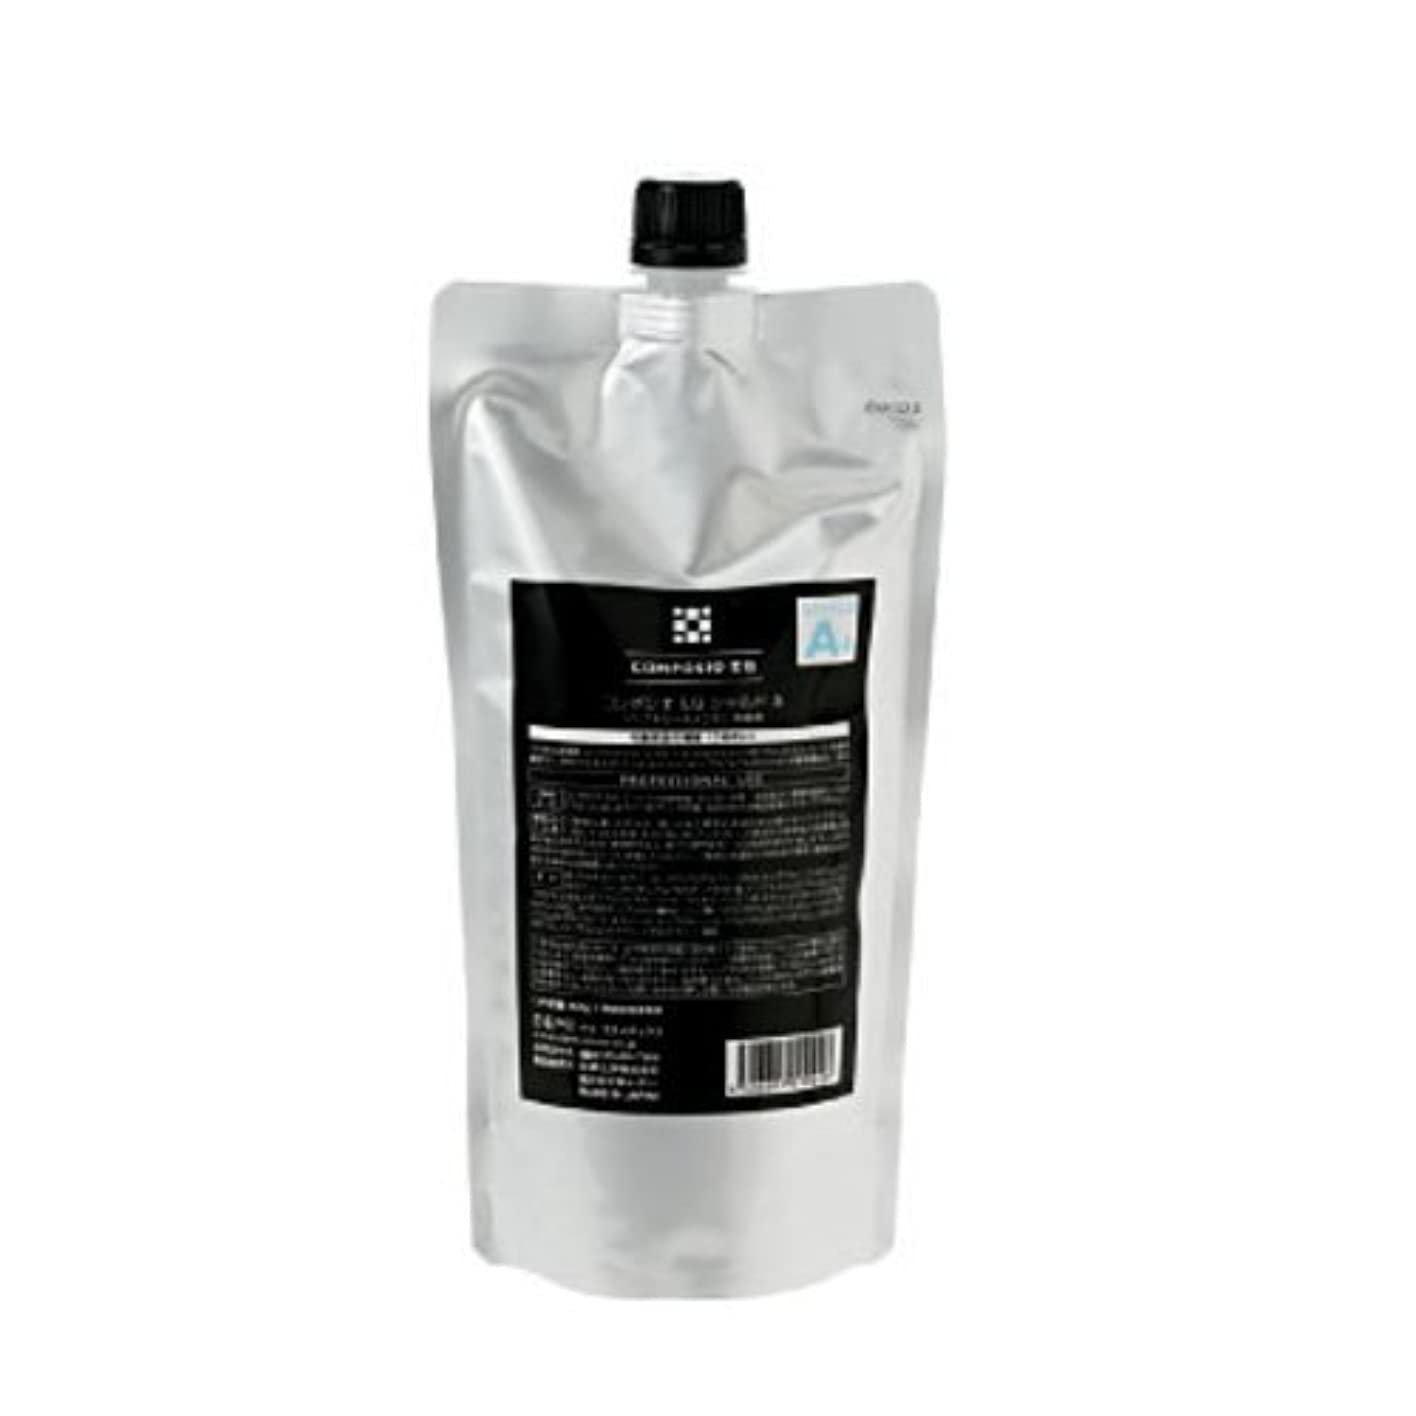 分散眼染料DEMI (デミ) コンポジオ EQ シールド A 450g レフィル